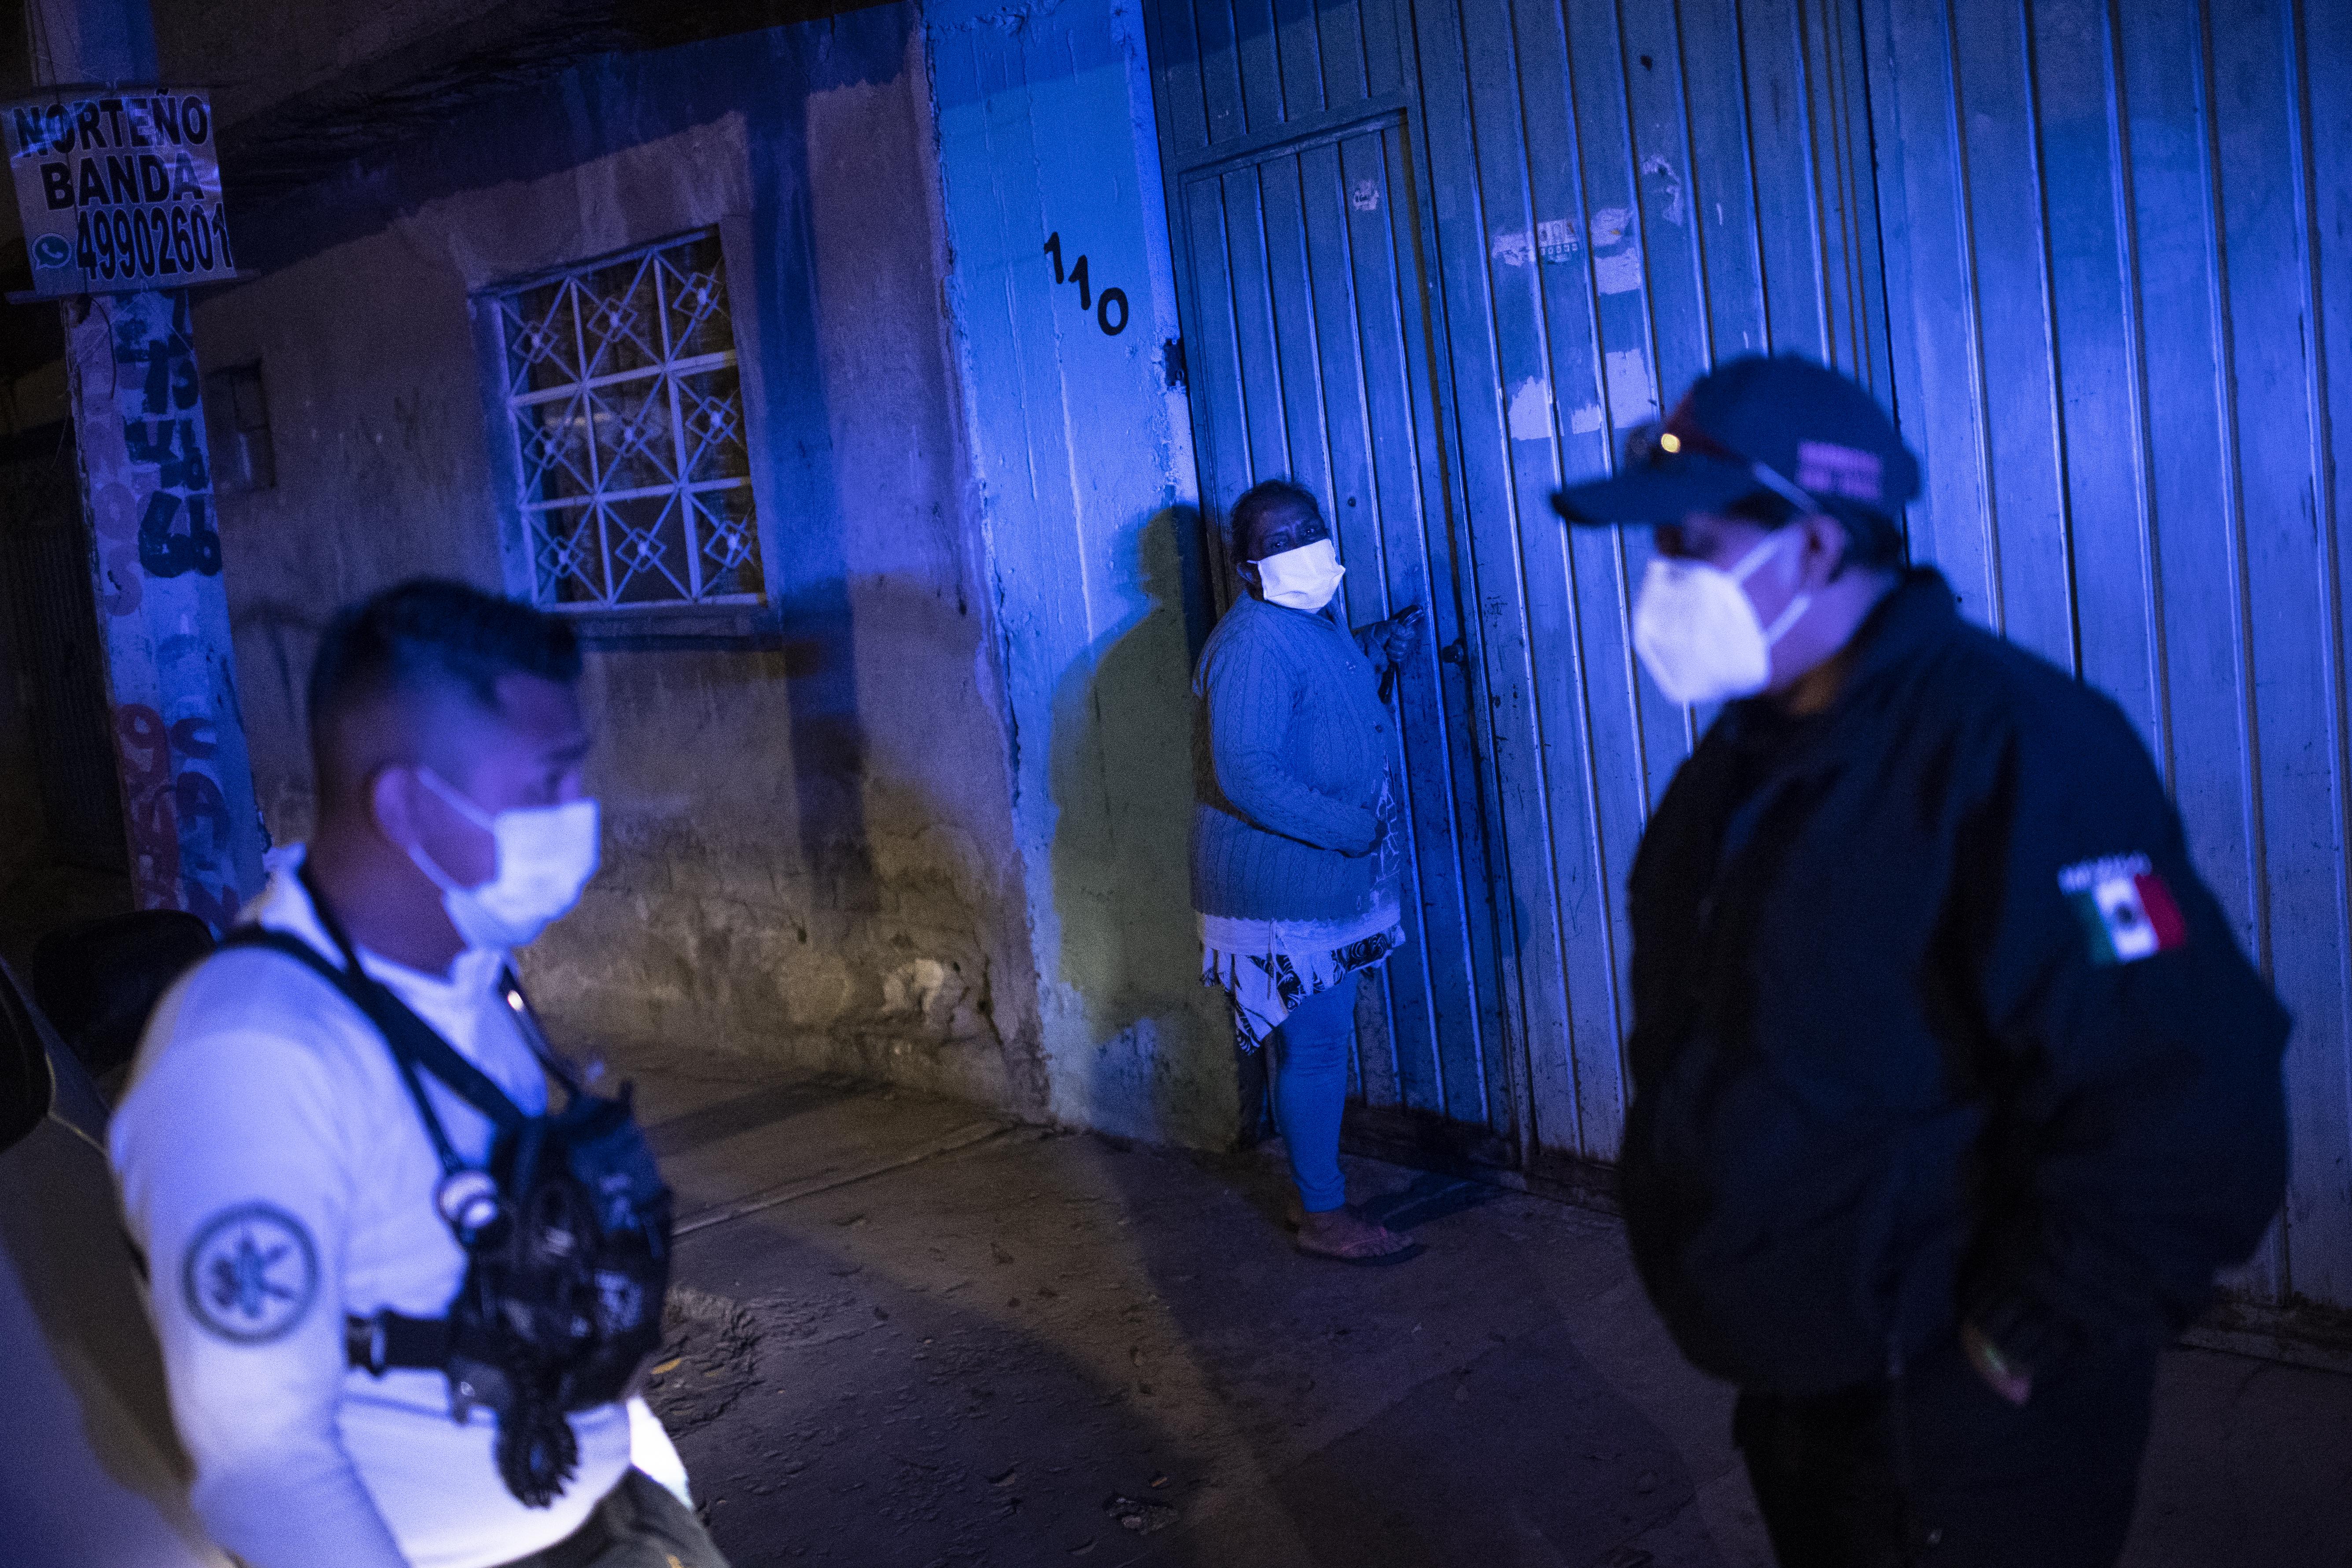 El paramédico Jesús Sholndick, de 29 años, (I) llega para controlar a una anciana con problemas de presión arterial en Ciudad Nezahualcóyotl, Estado de México, México, el 18 de junio de 2020 durante la nueva pandemia de coronavirus de COVID-19. (Foto por Pedro PARDO / AFP)